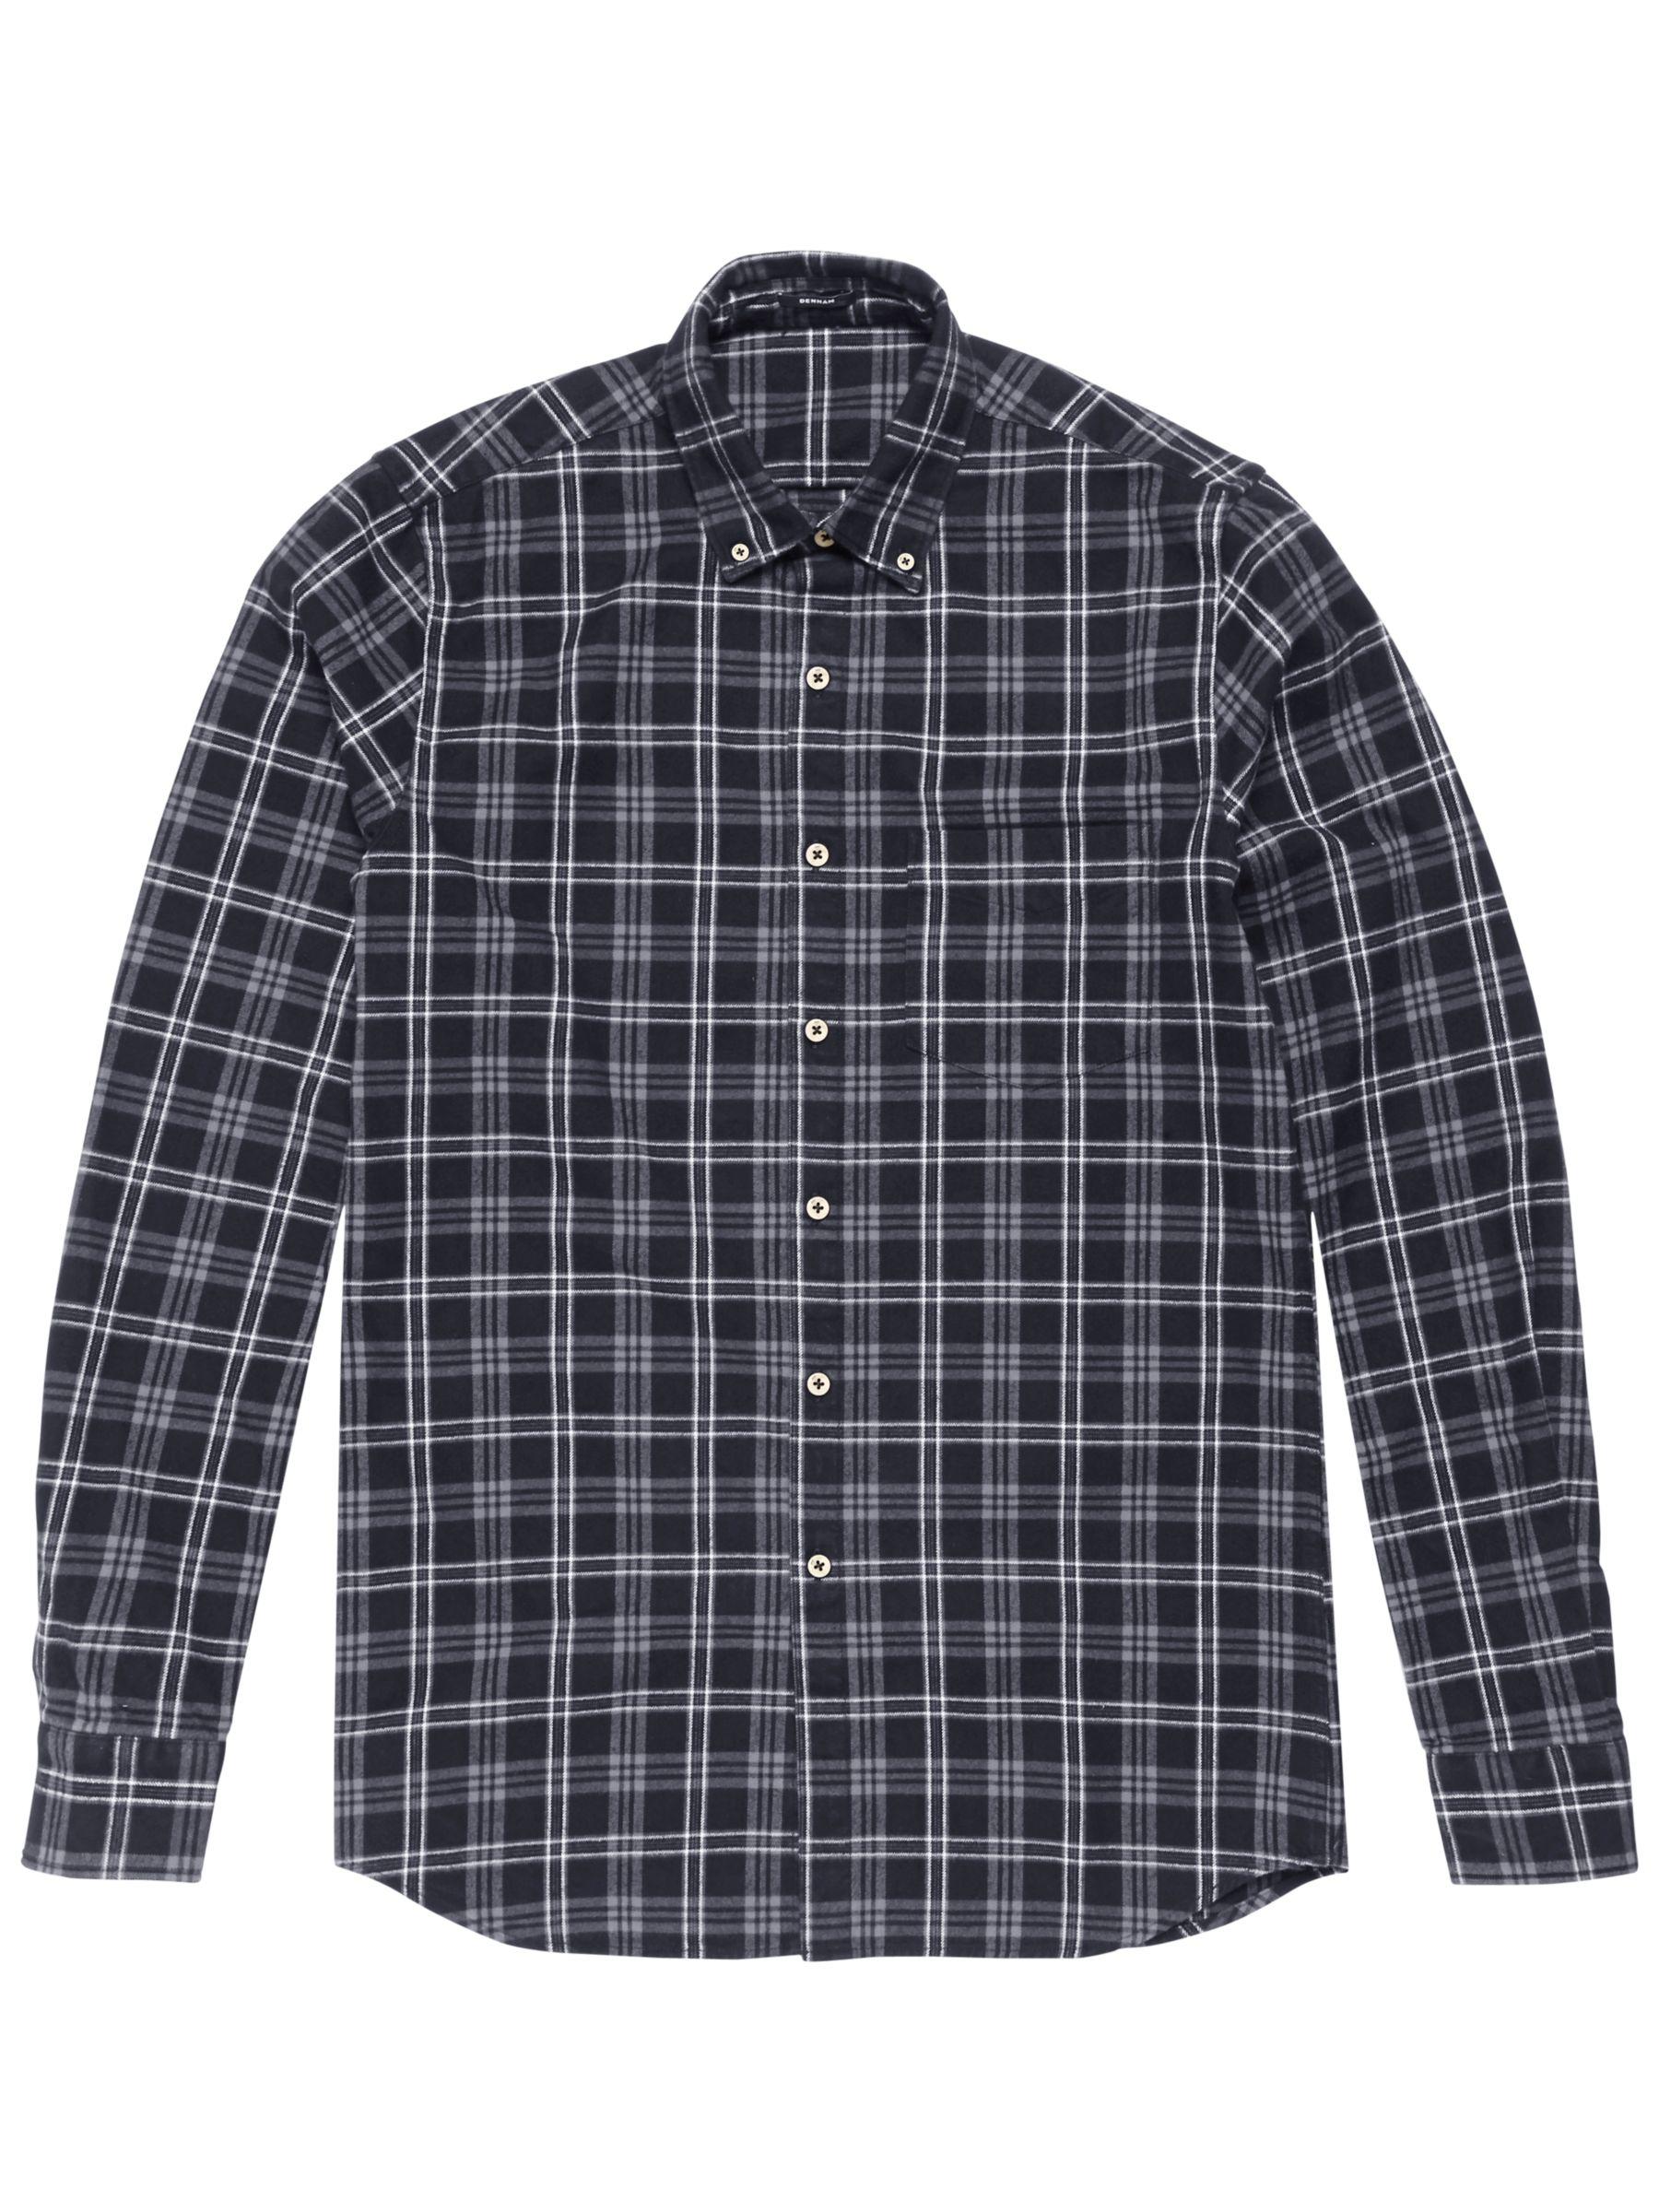 Denham Denham Pocket Brushed Flannel Shirt, Grey Marl